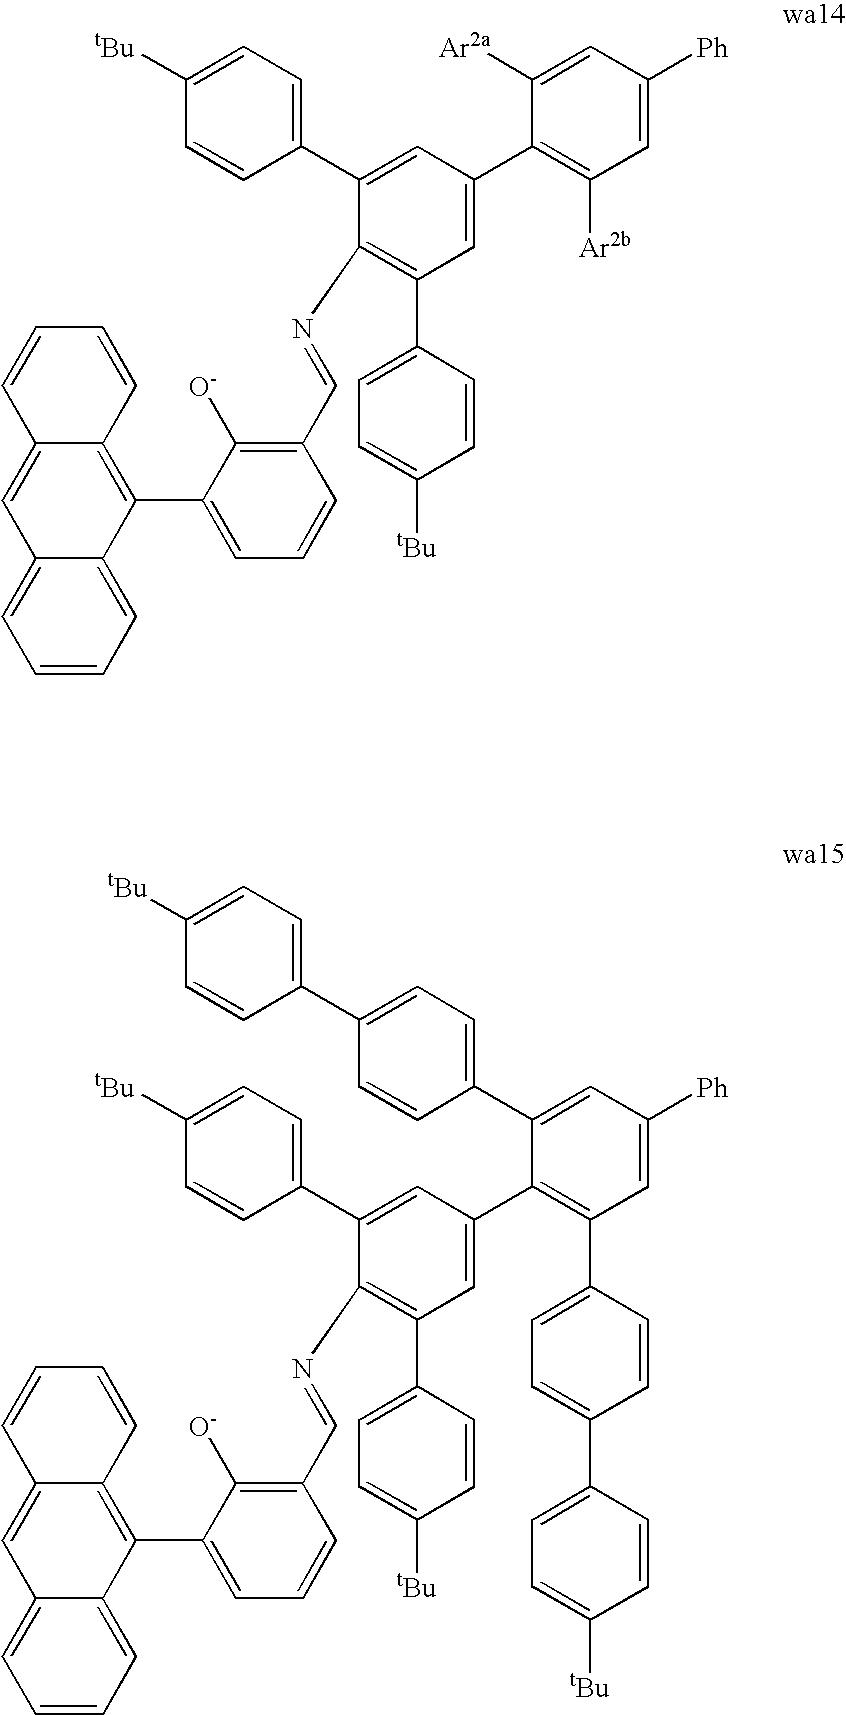 Figure US20040127658A1-20040701-C00051